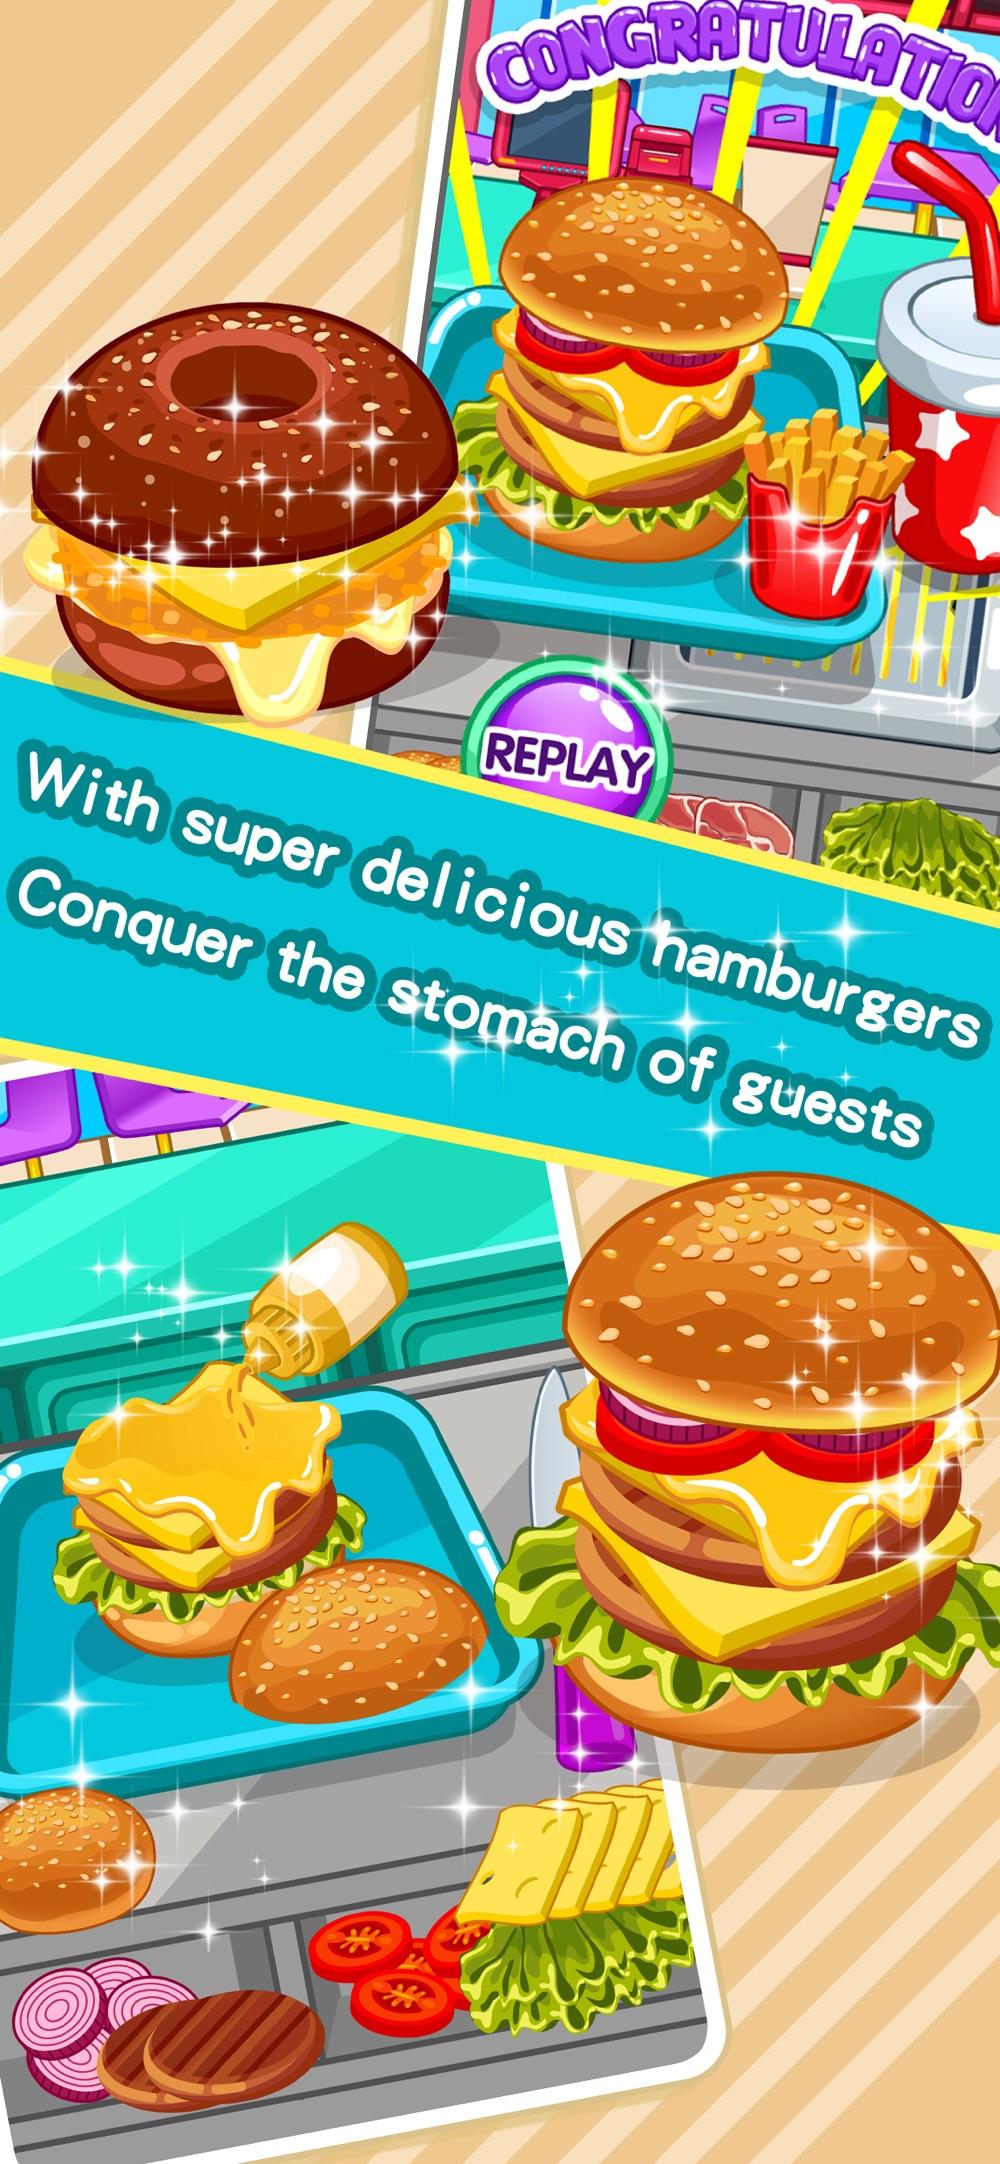 Make hamburgers -Cooking games hack tool